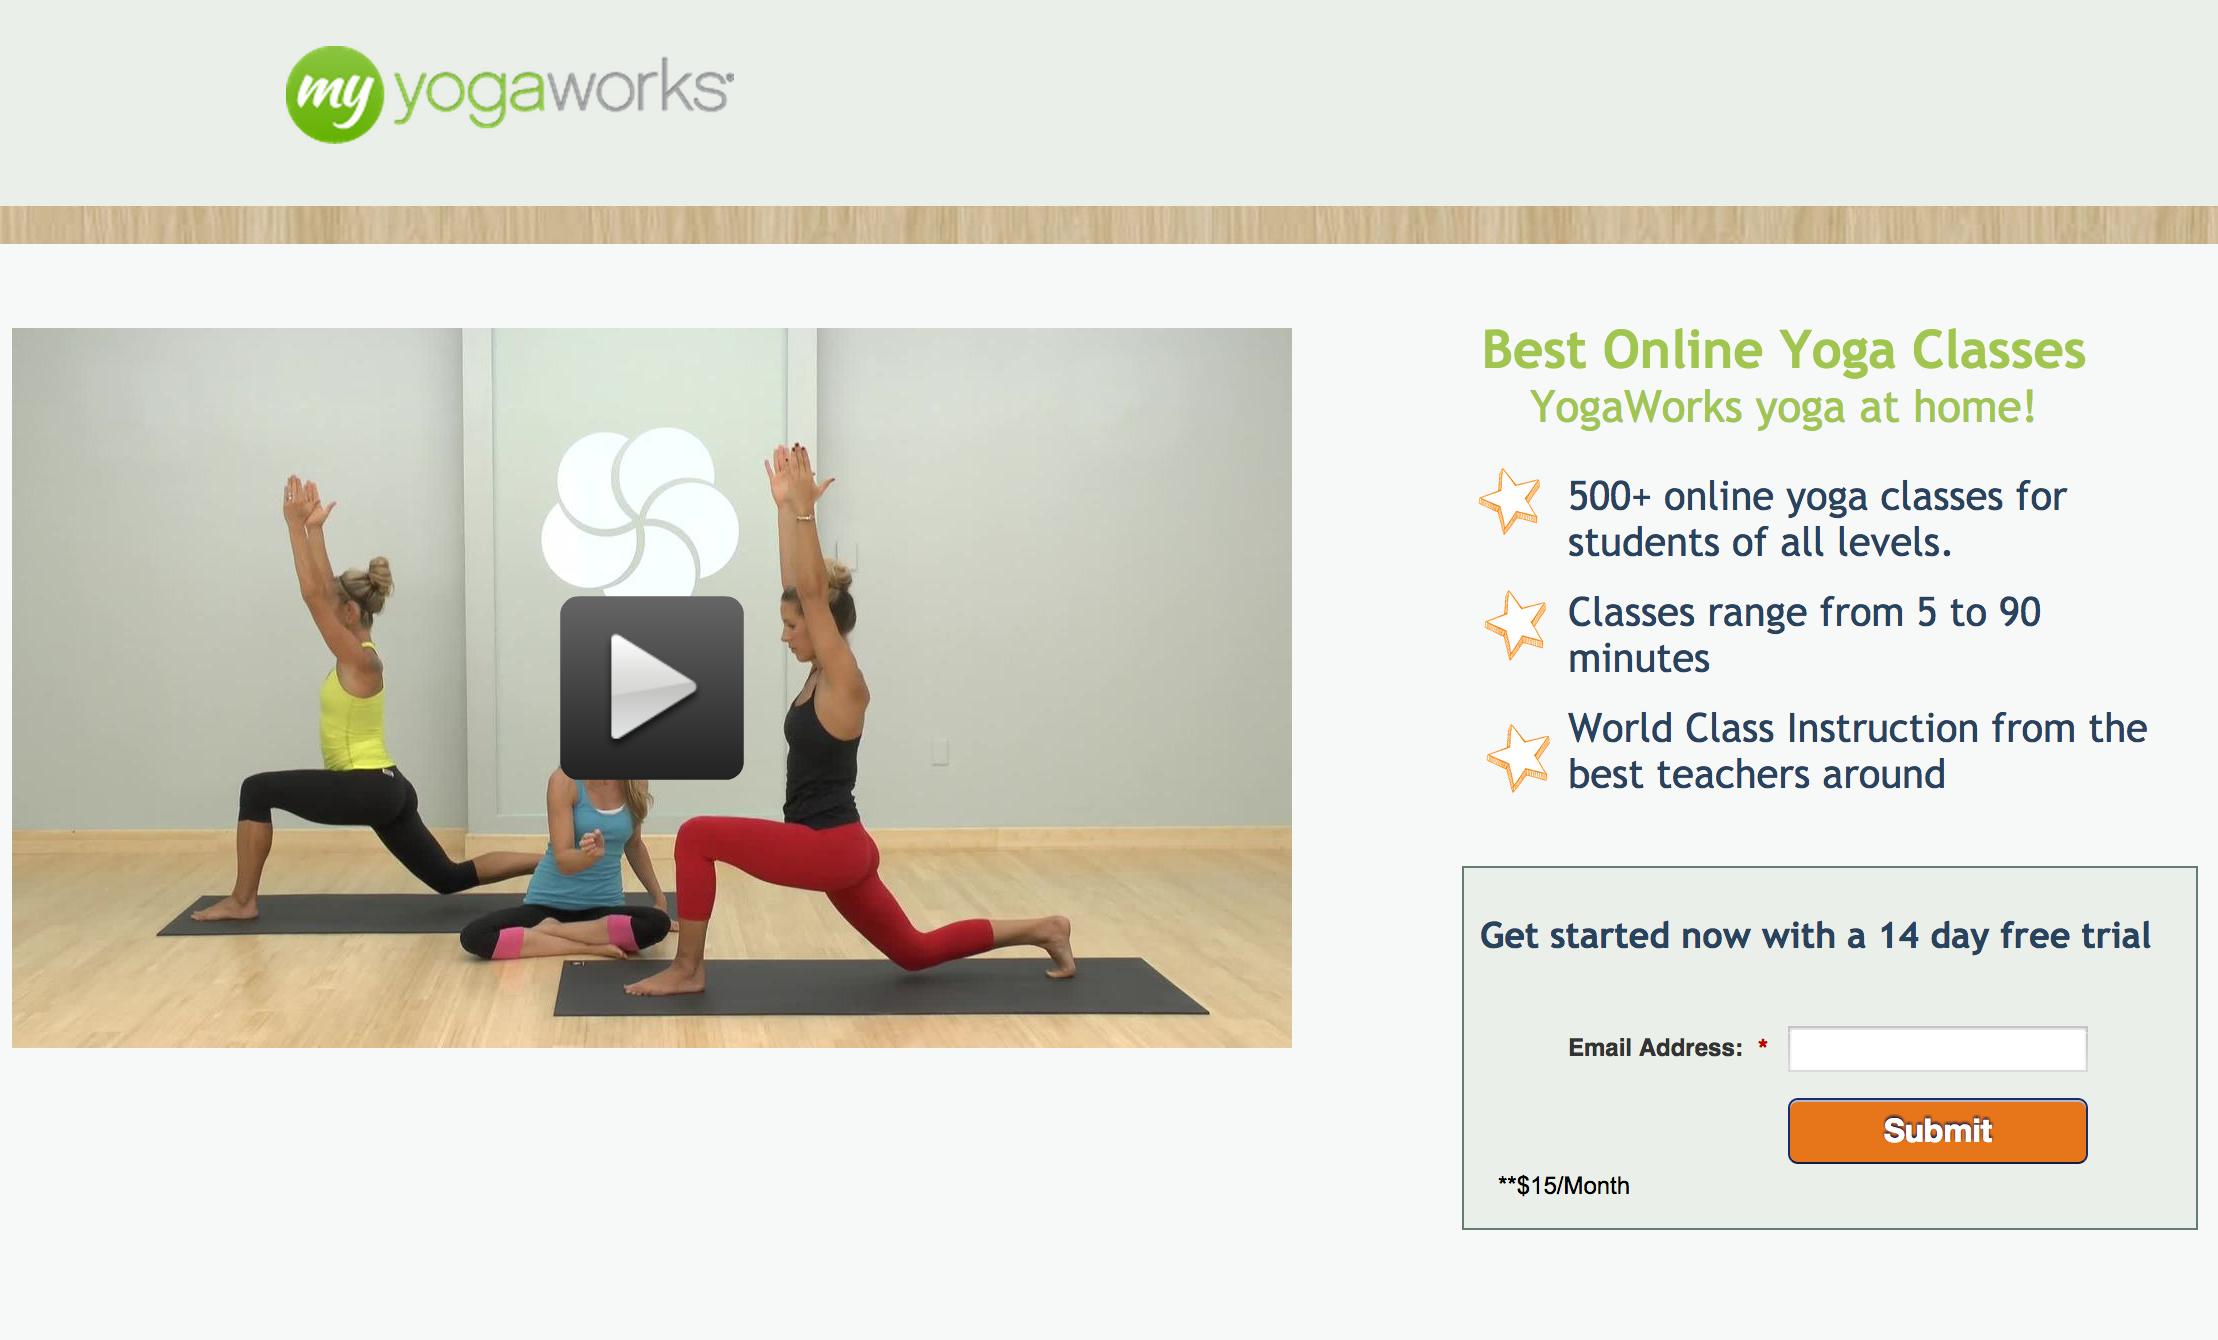 yogaworks landing page